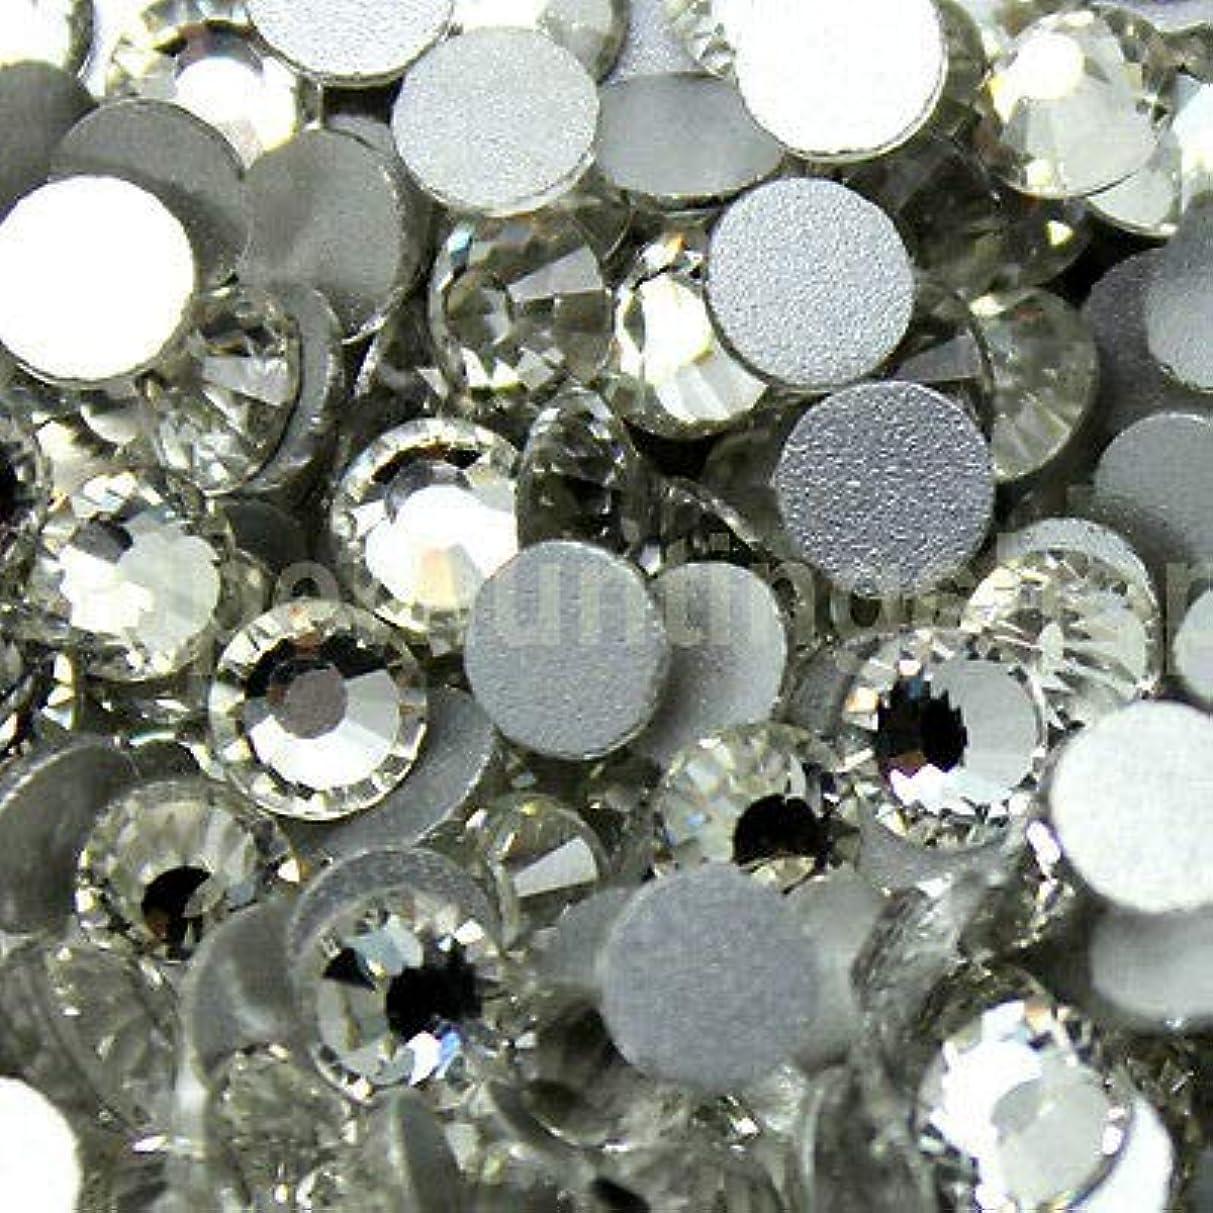 子供時代導体中庭FidgetGear DIY 1.3-8.5 mmクリスタルヒラタラインストーンネイルアートデコレーションSS3-SS40 結晶